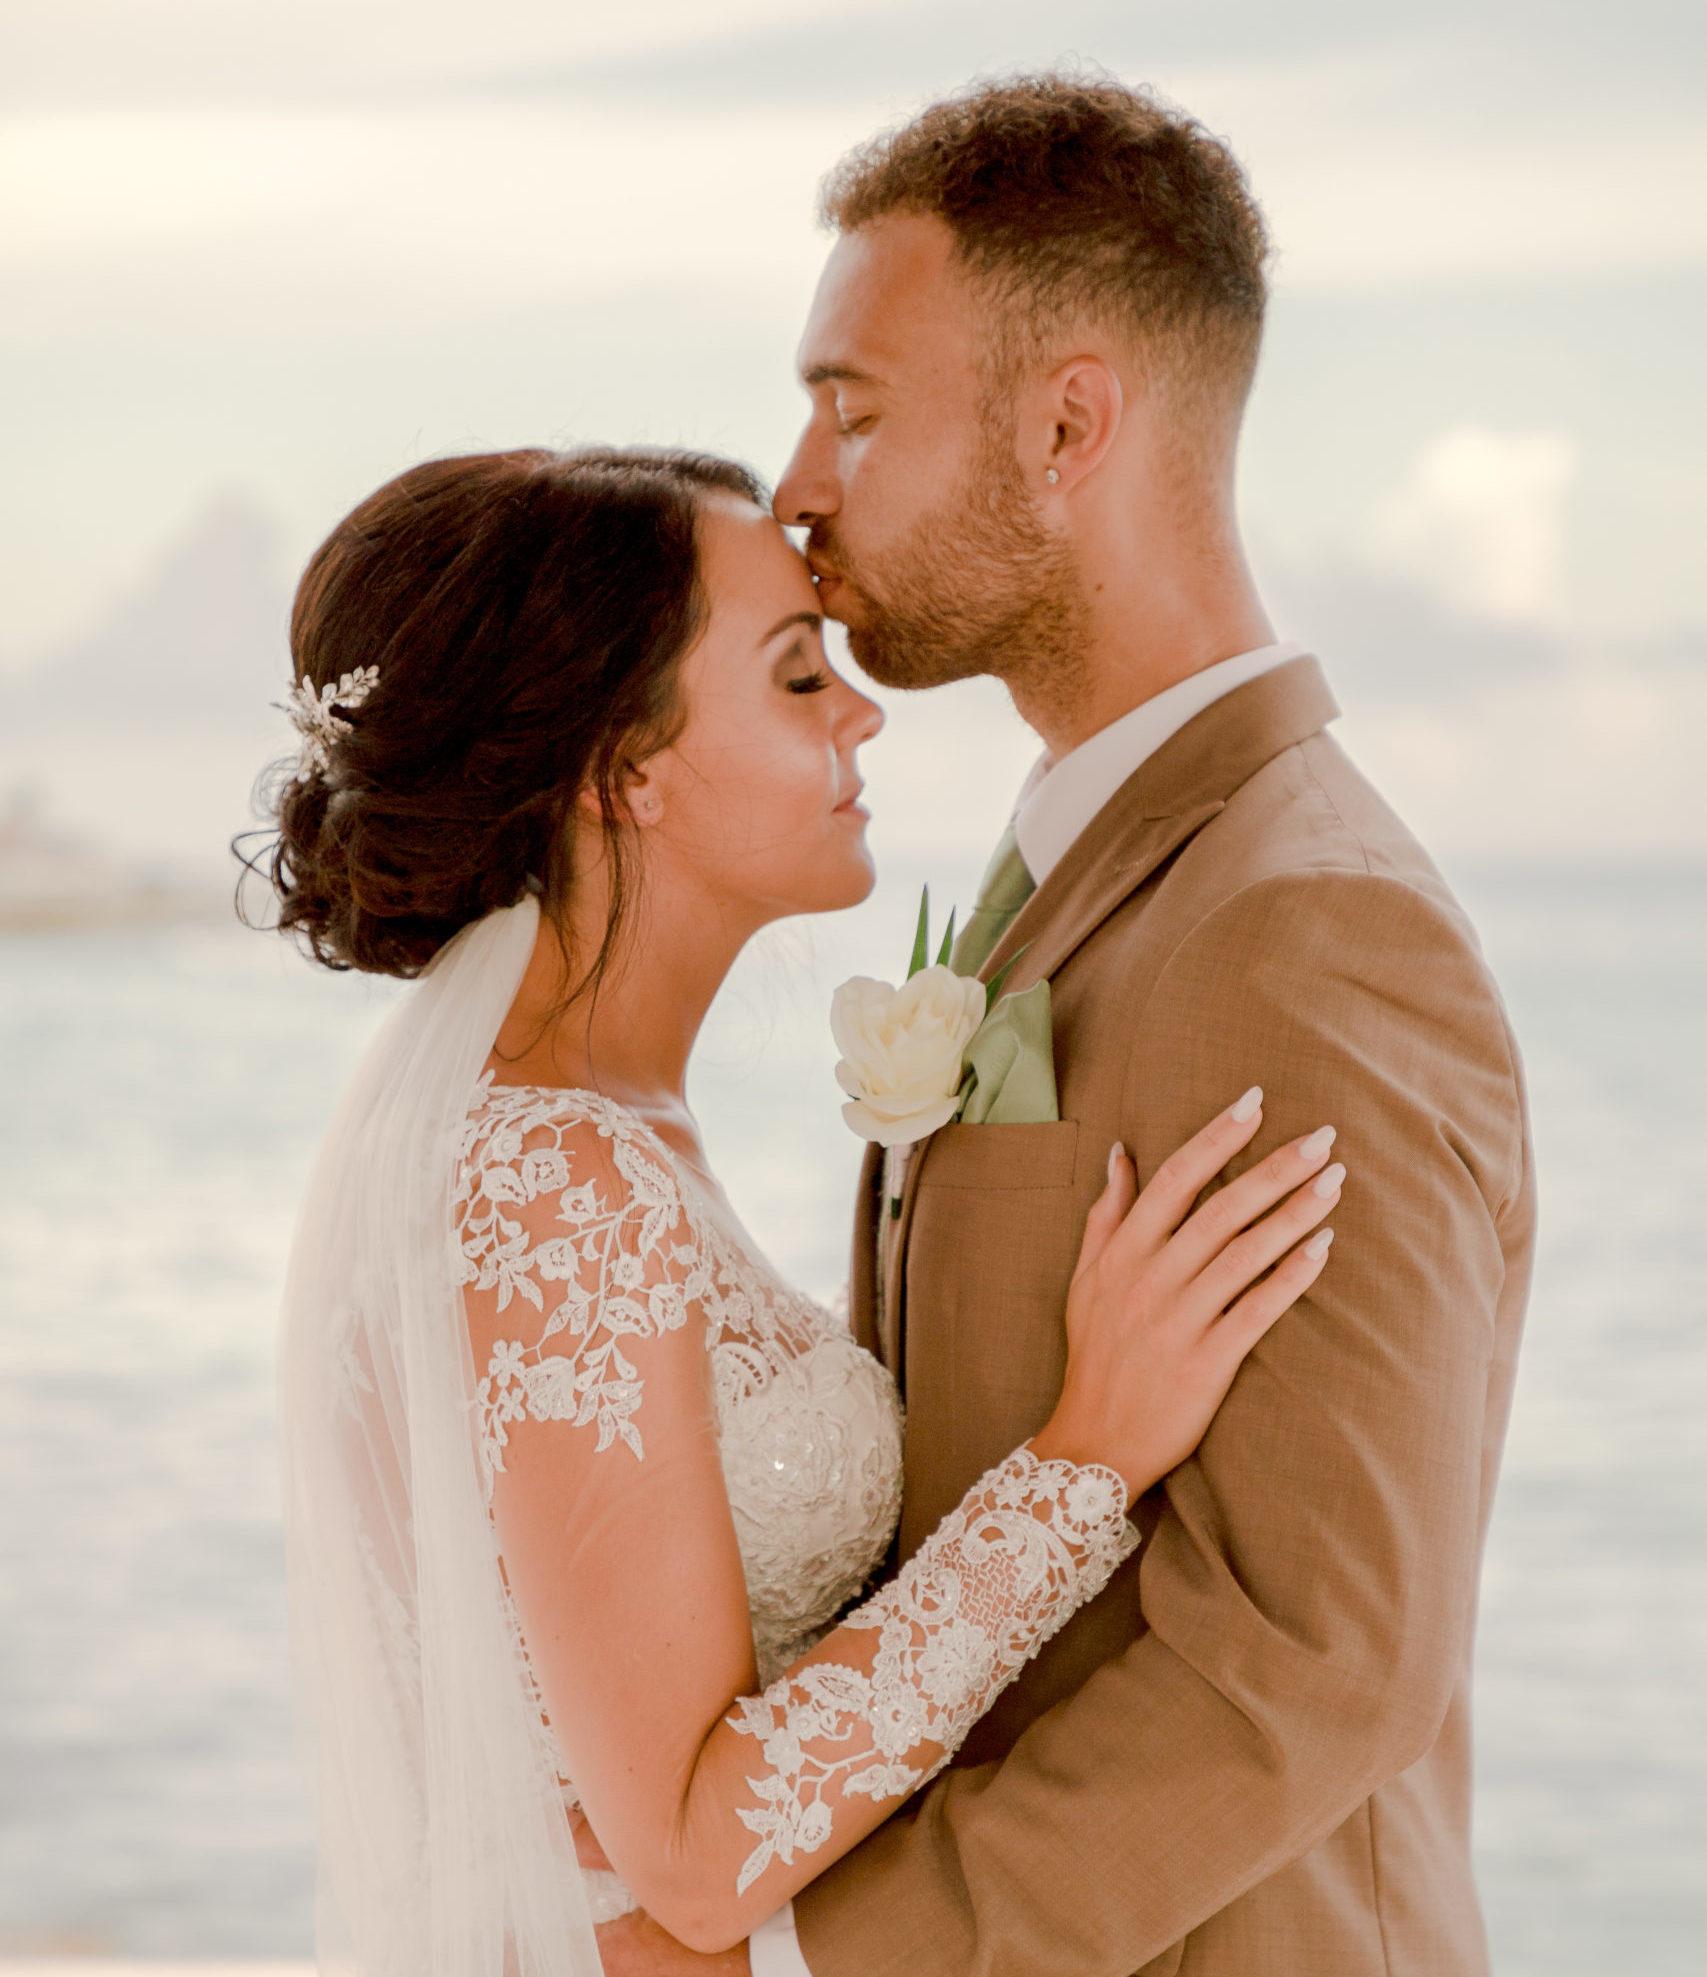 Wedding portrait of a newly wed couple taken taken by Ivan Castelan